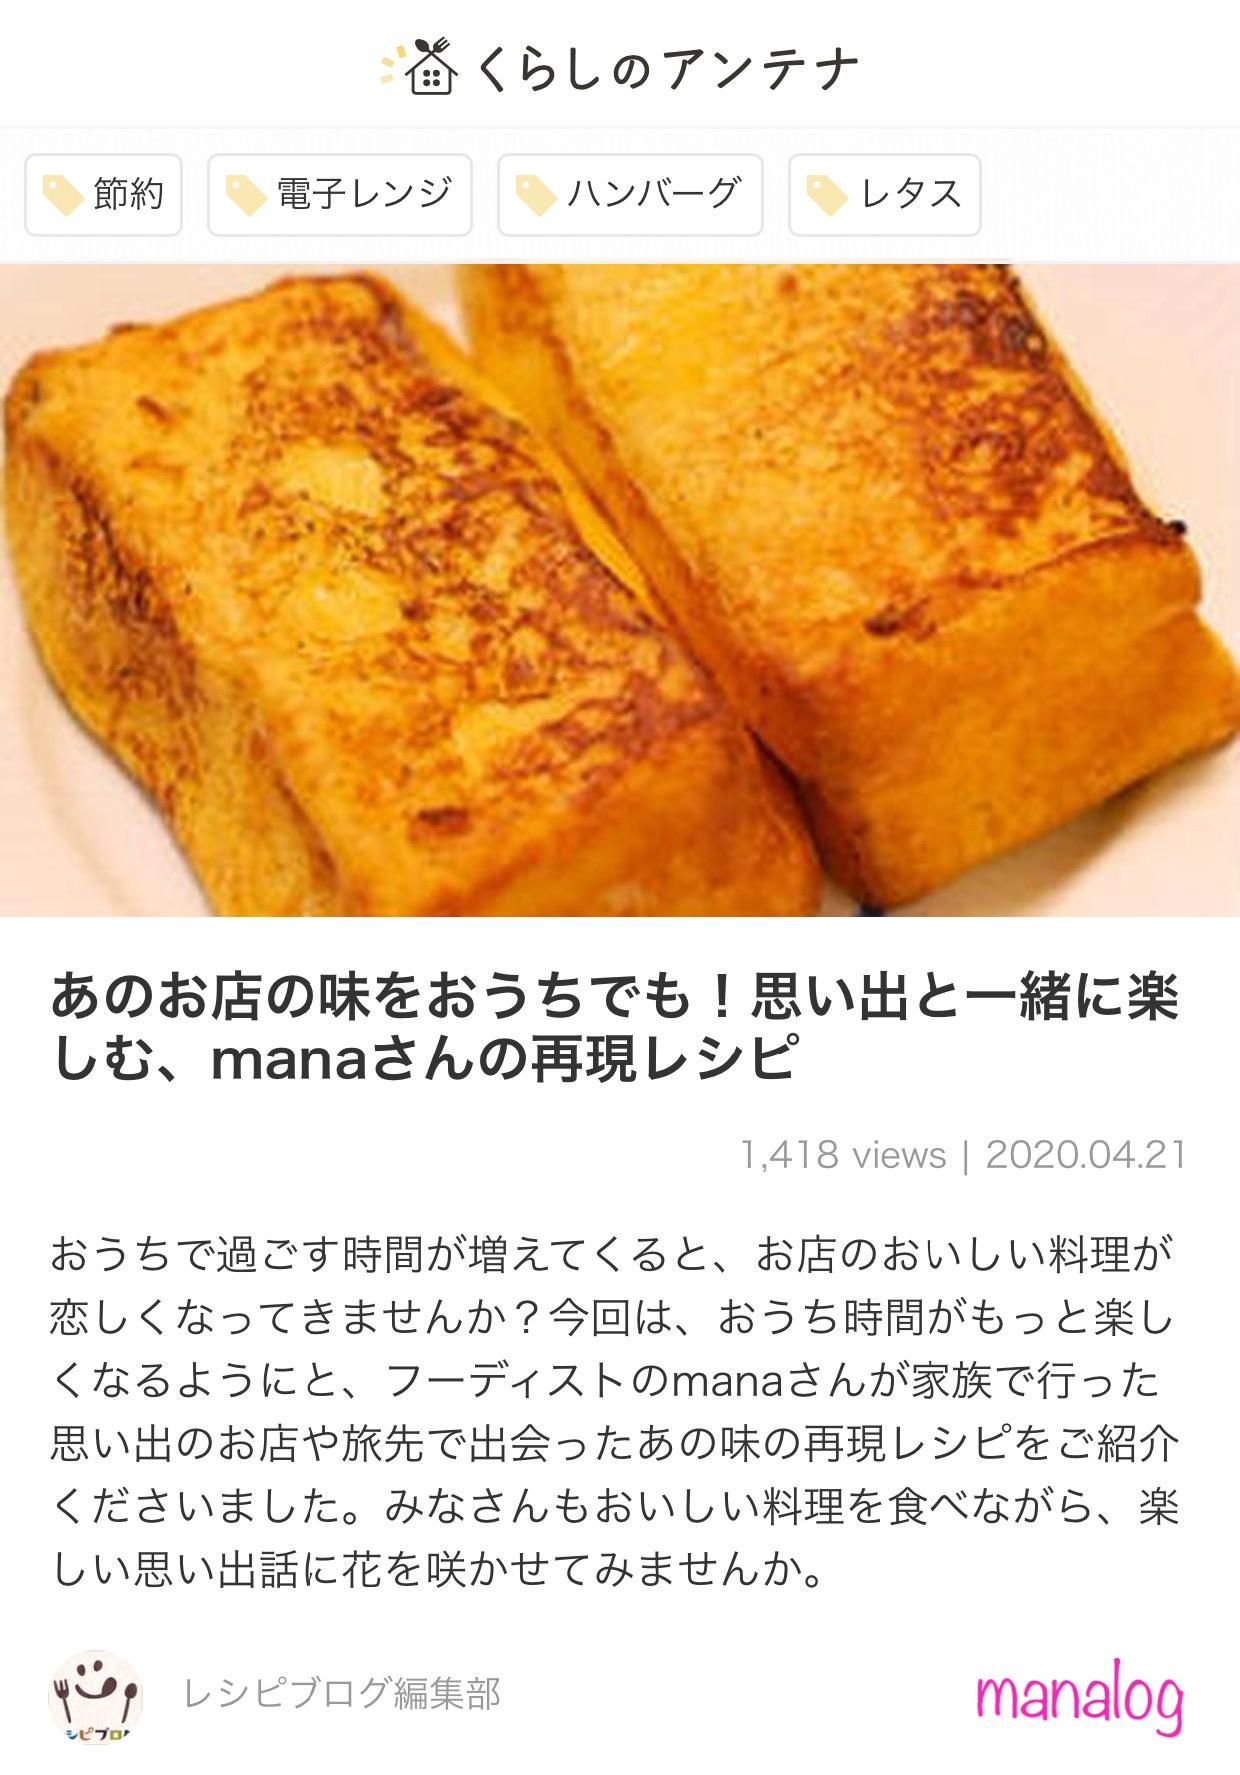 帝国 ホテル スコーン レシピ